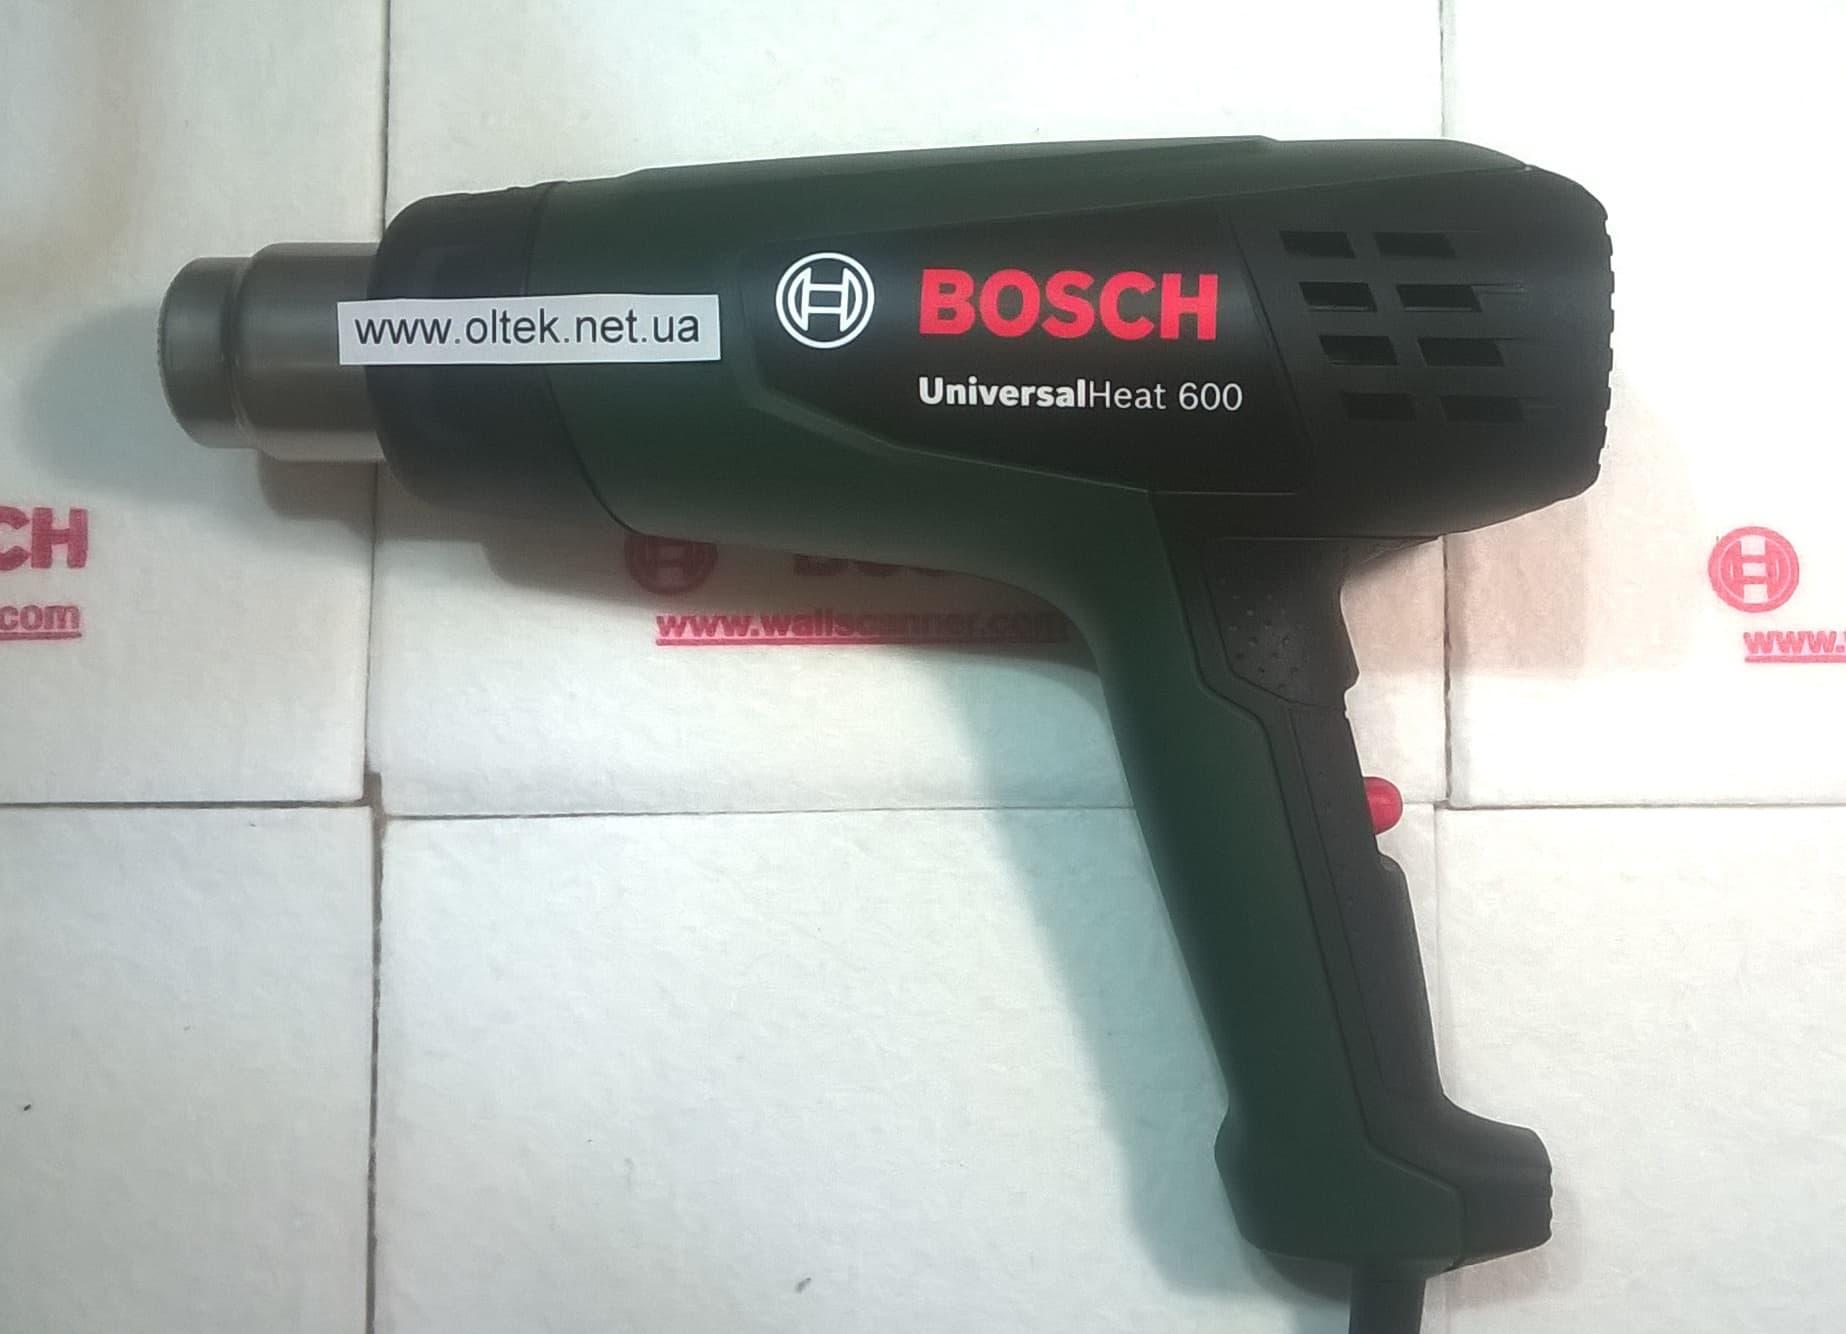 Bosch-universalHeat 600